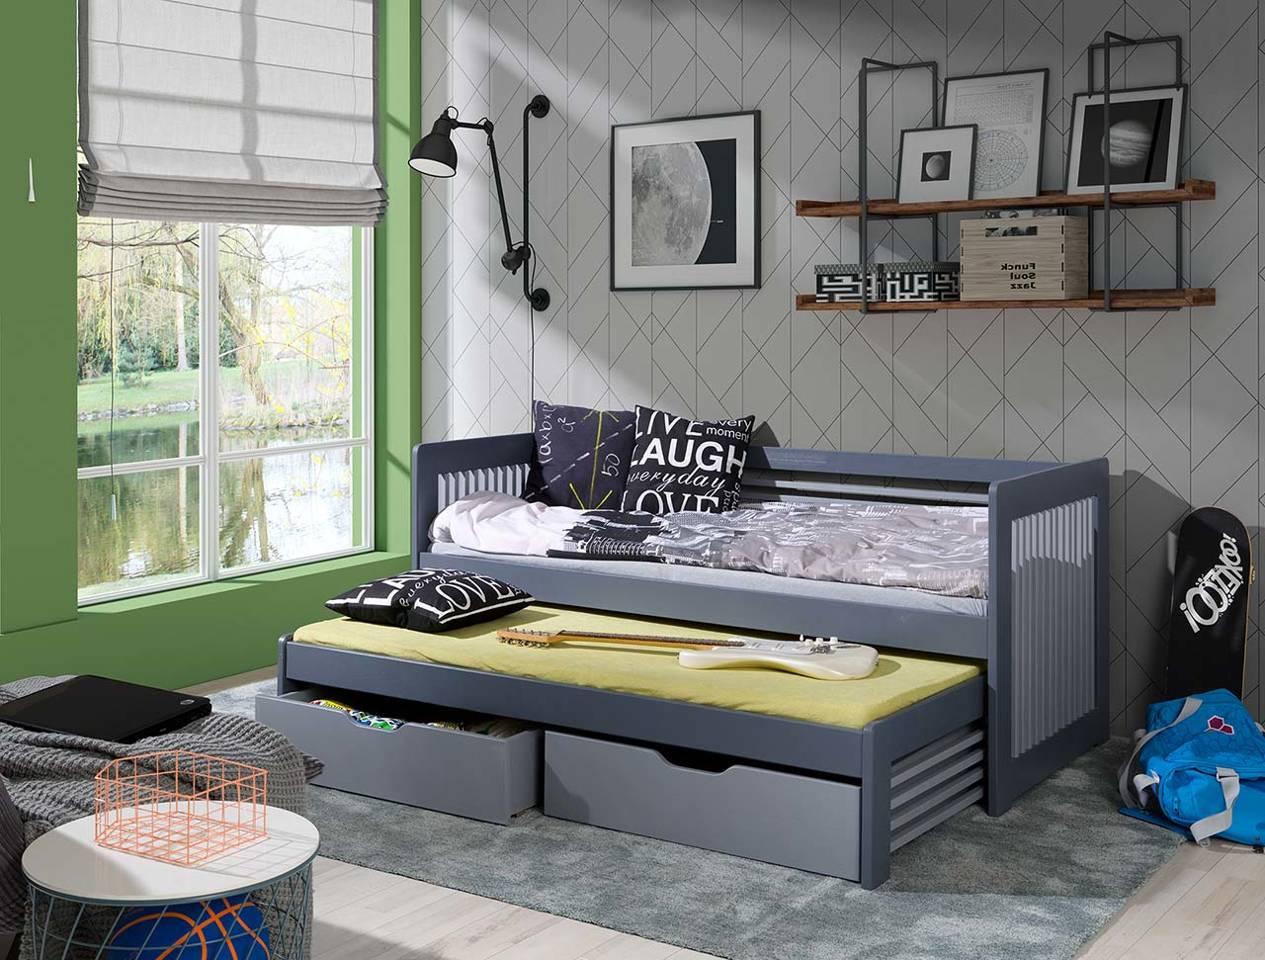 łóżko Piętrowe Niskie Z Materacami 2 Osobowe Anatol Z Barierką